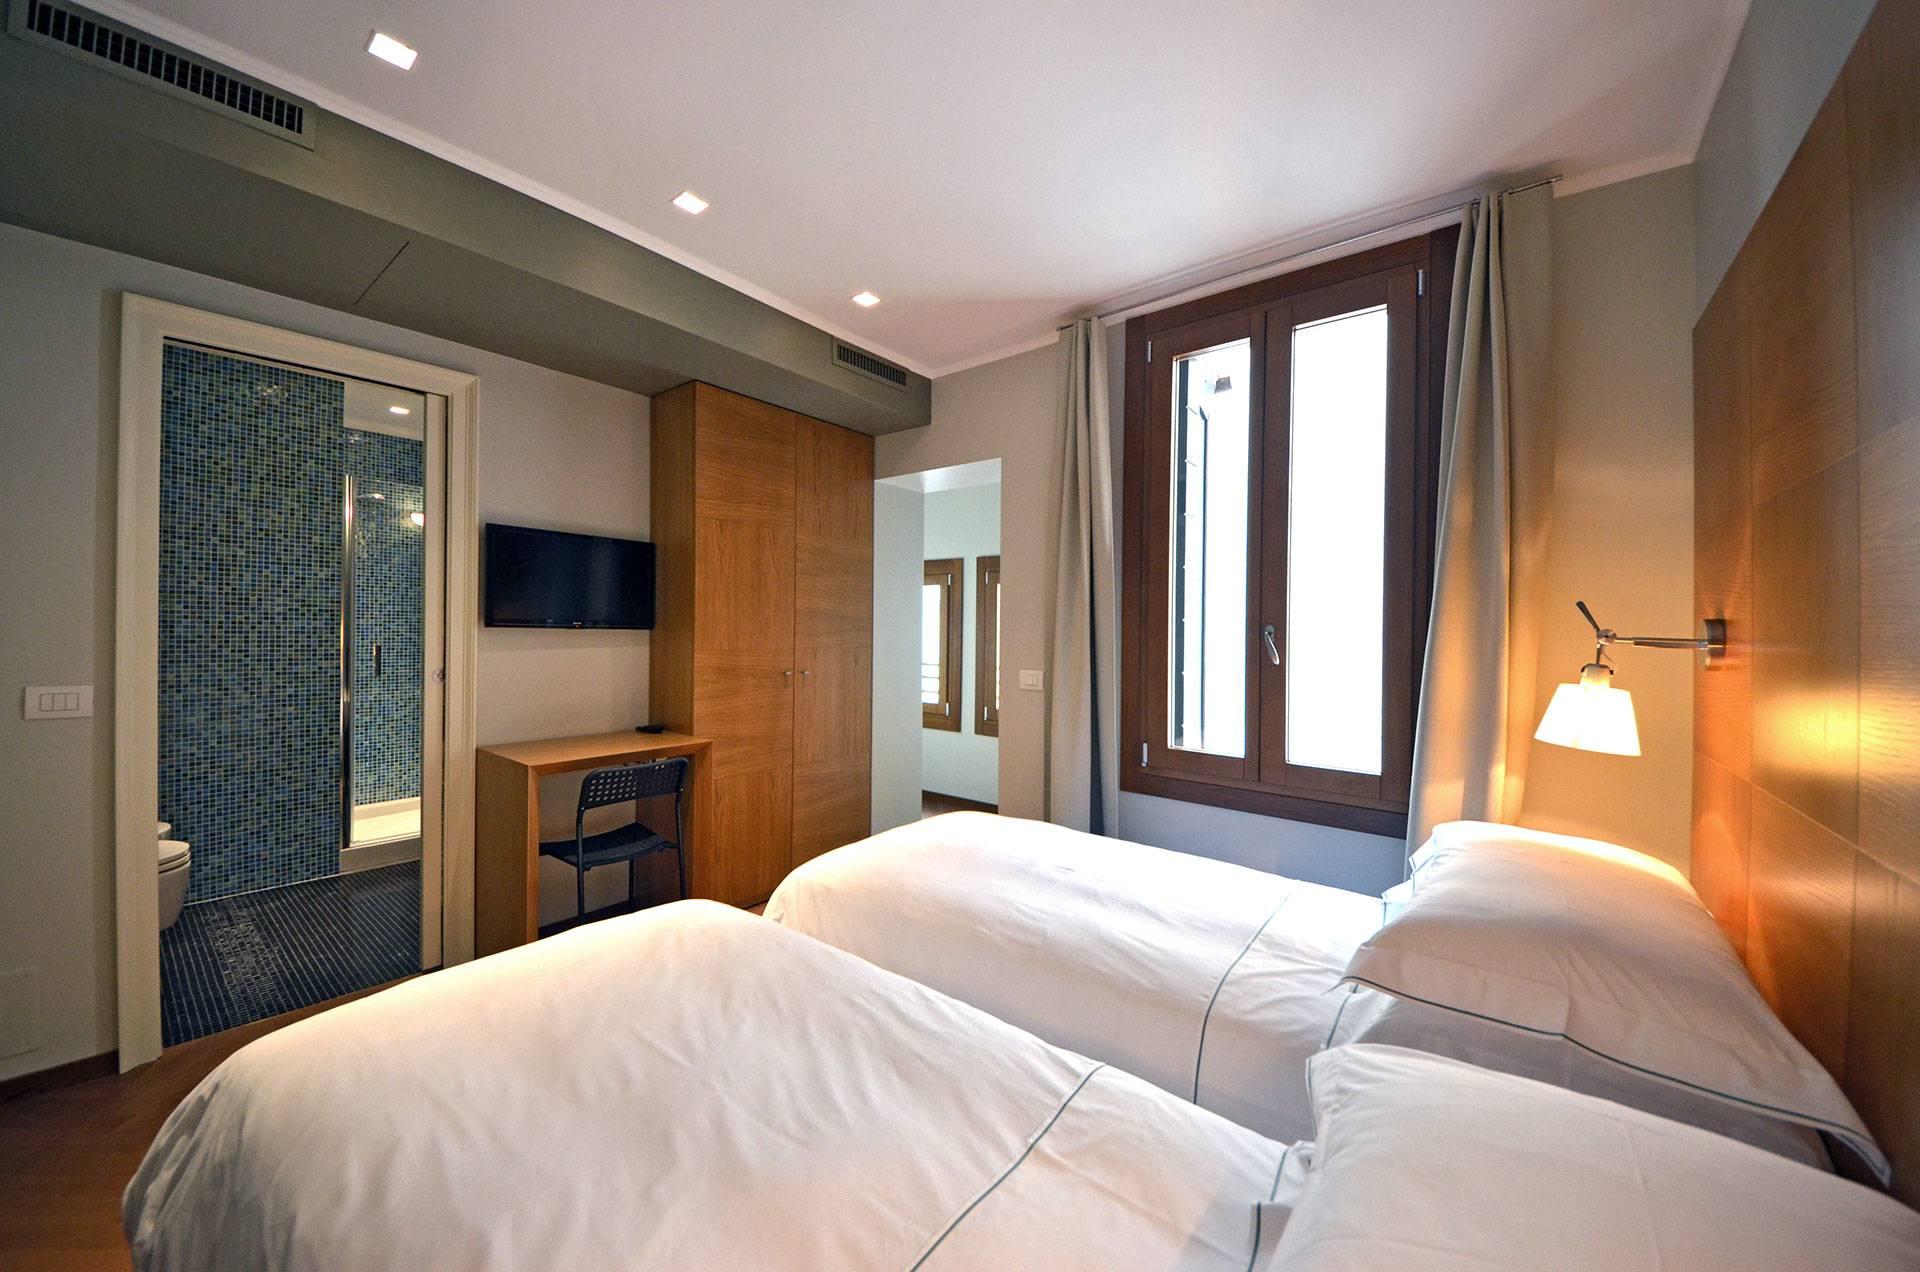 4th bedroom with en-suite bathroom